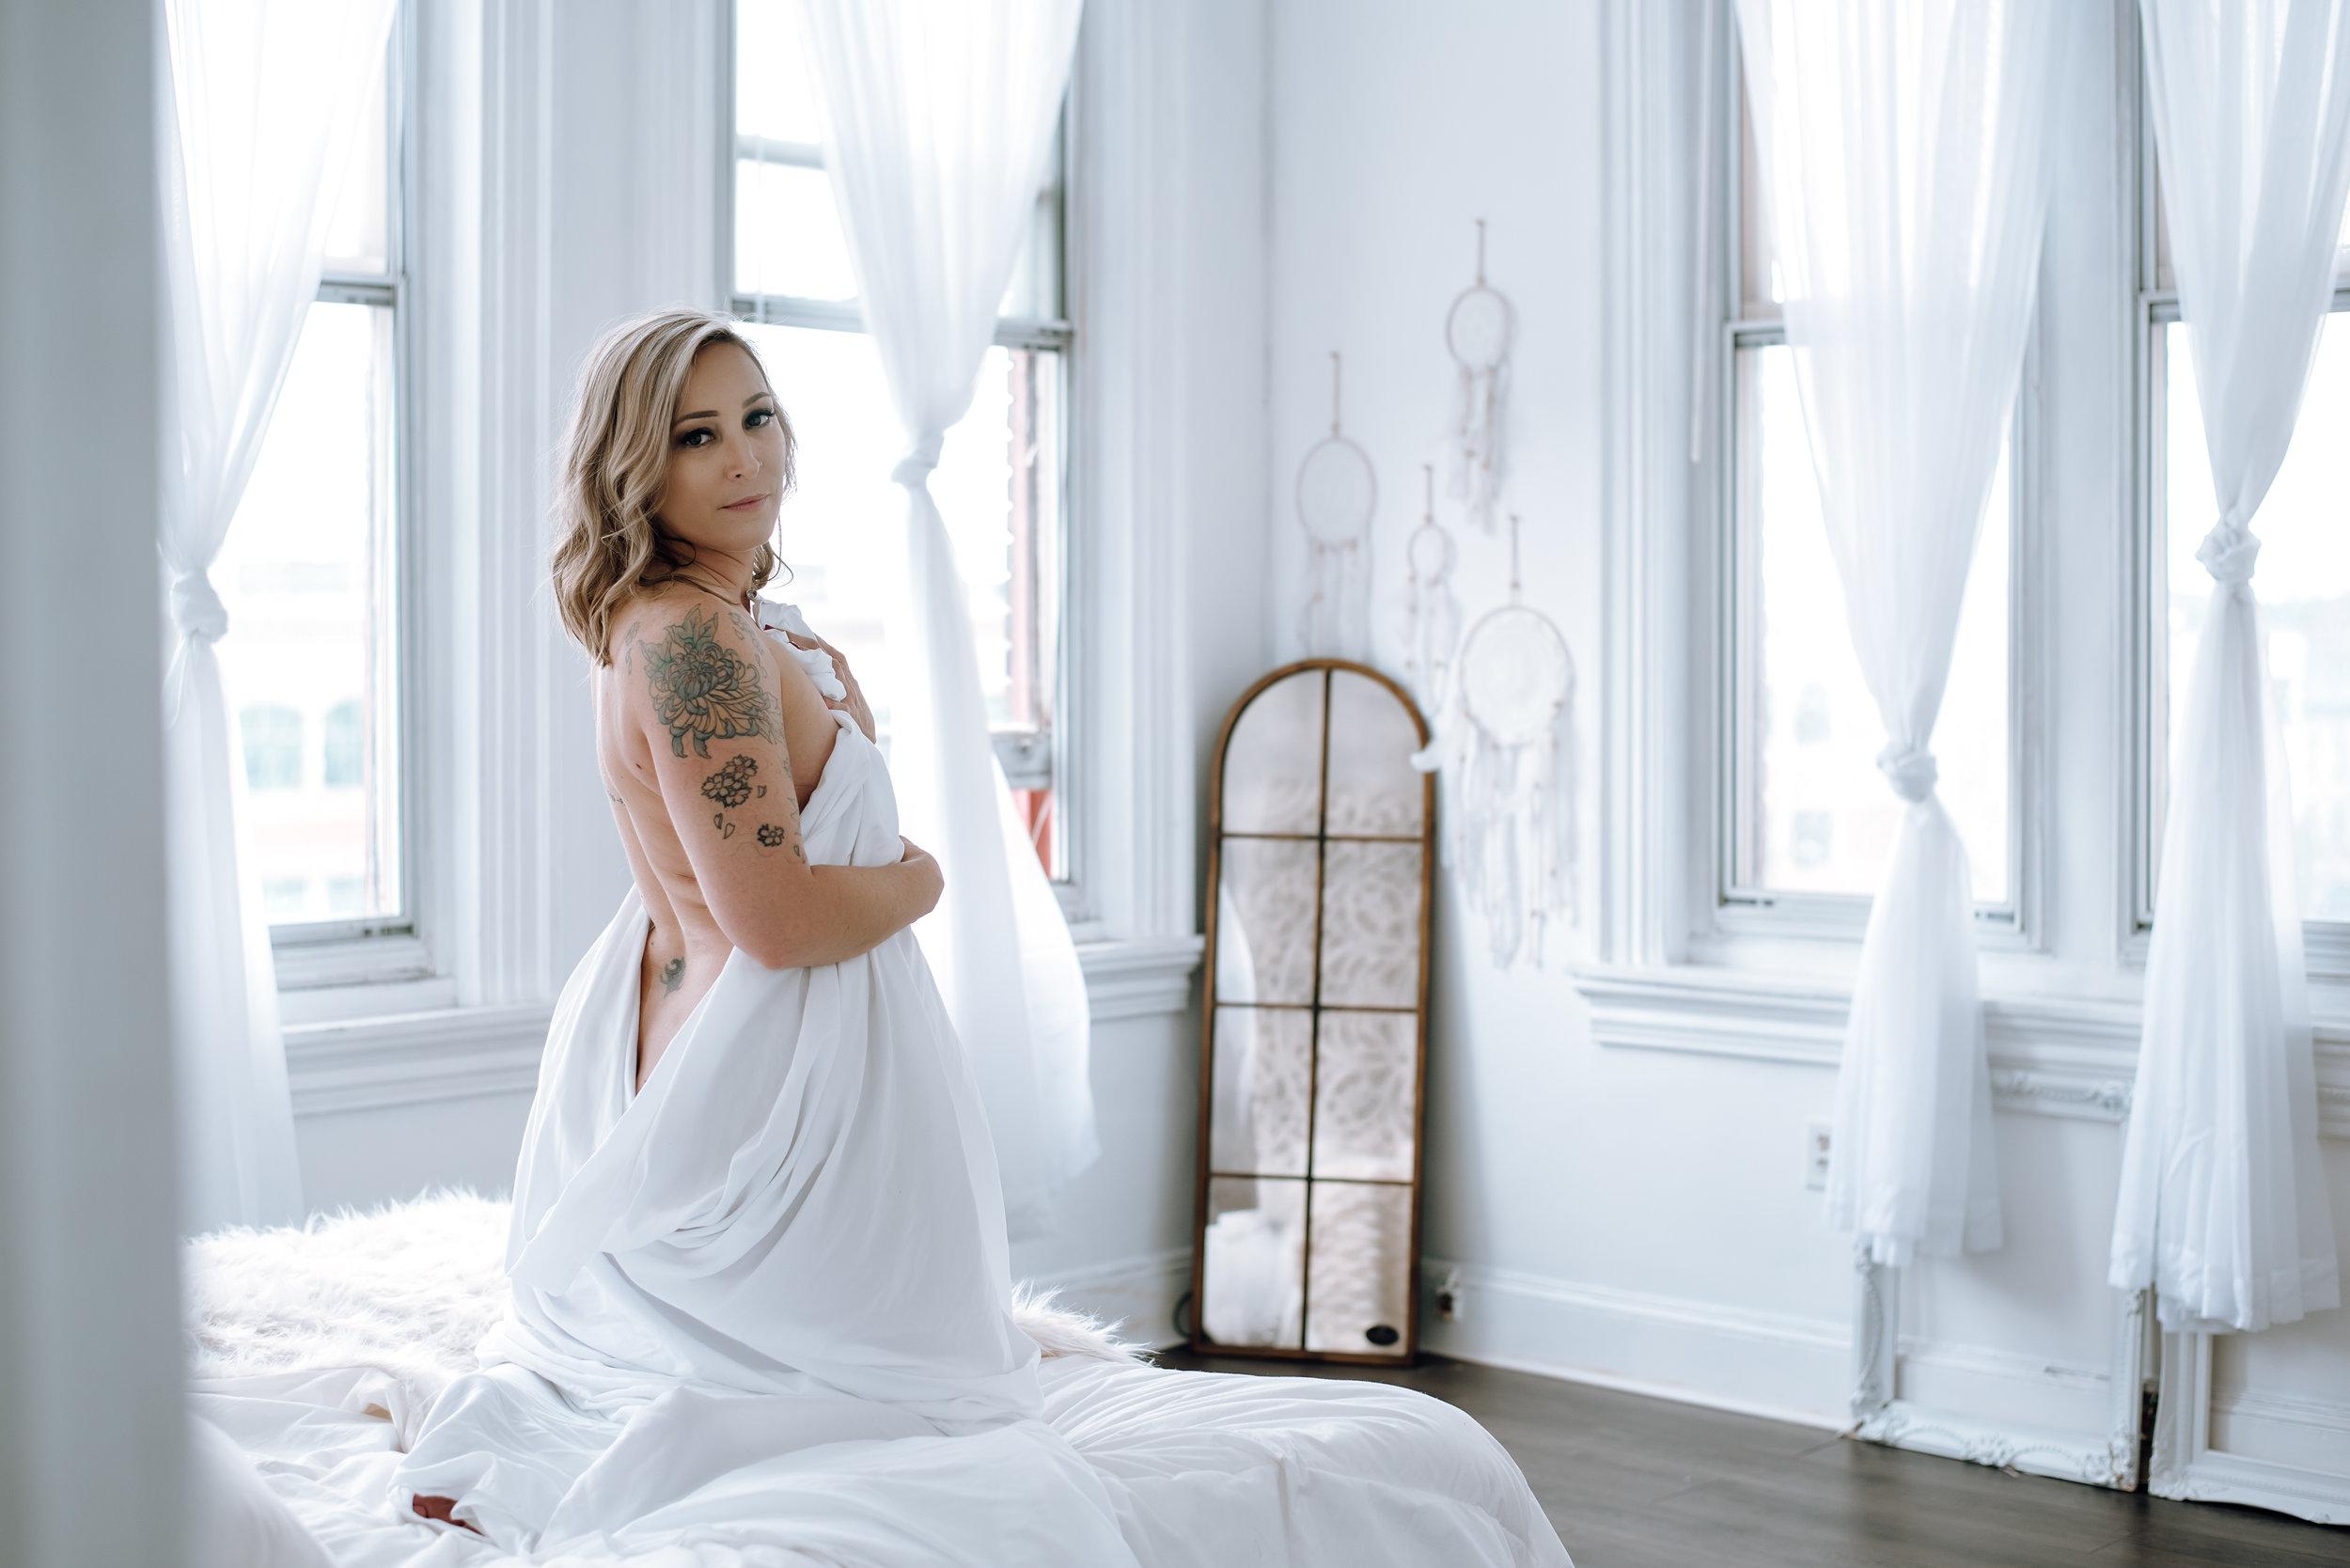 boudoir photographer-33.jpg